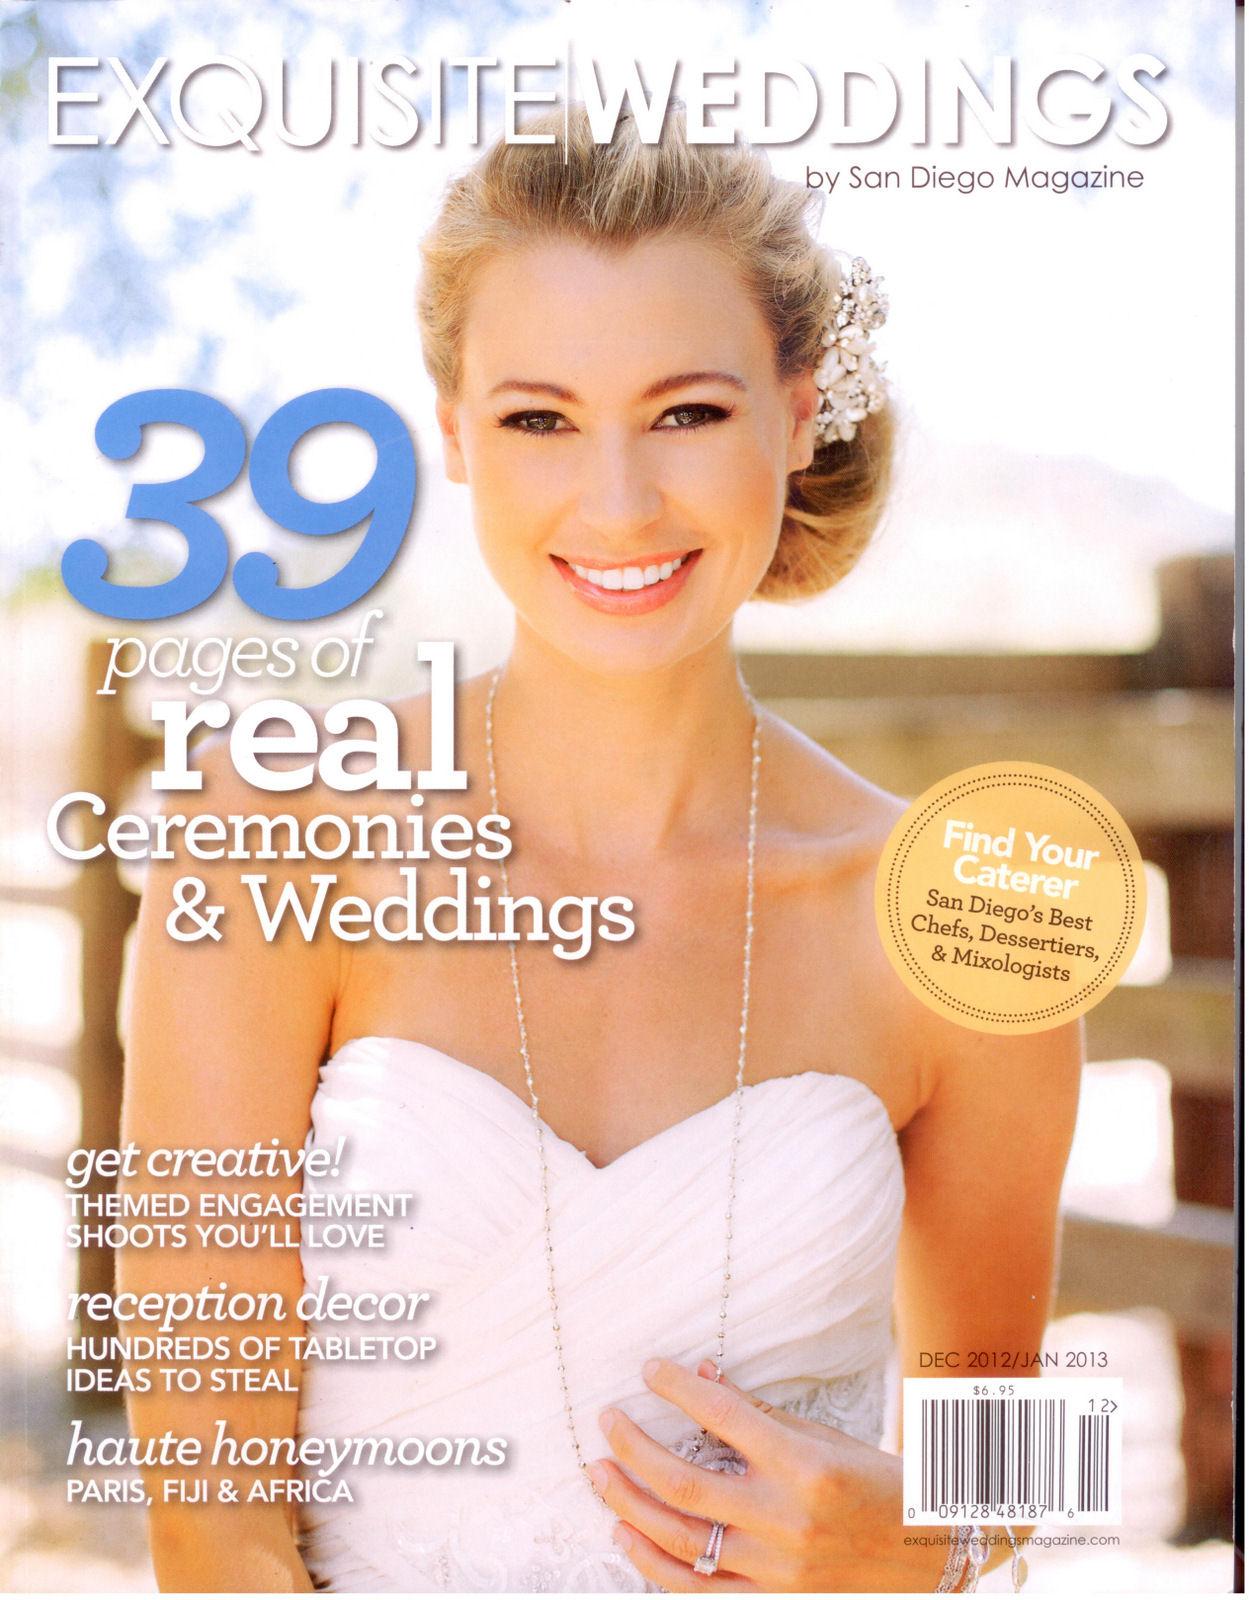 Exquisite Weddings Cover - Dec Jan 2012.jpg